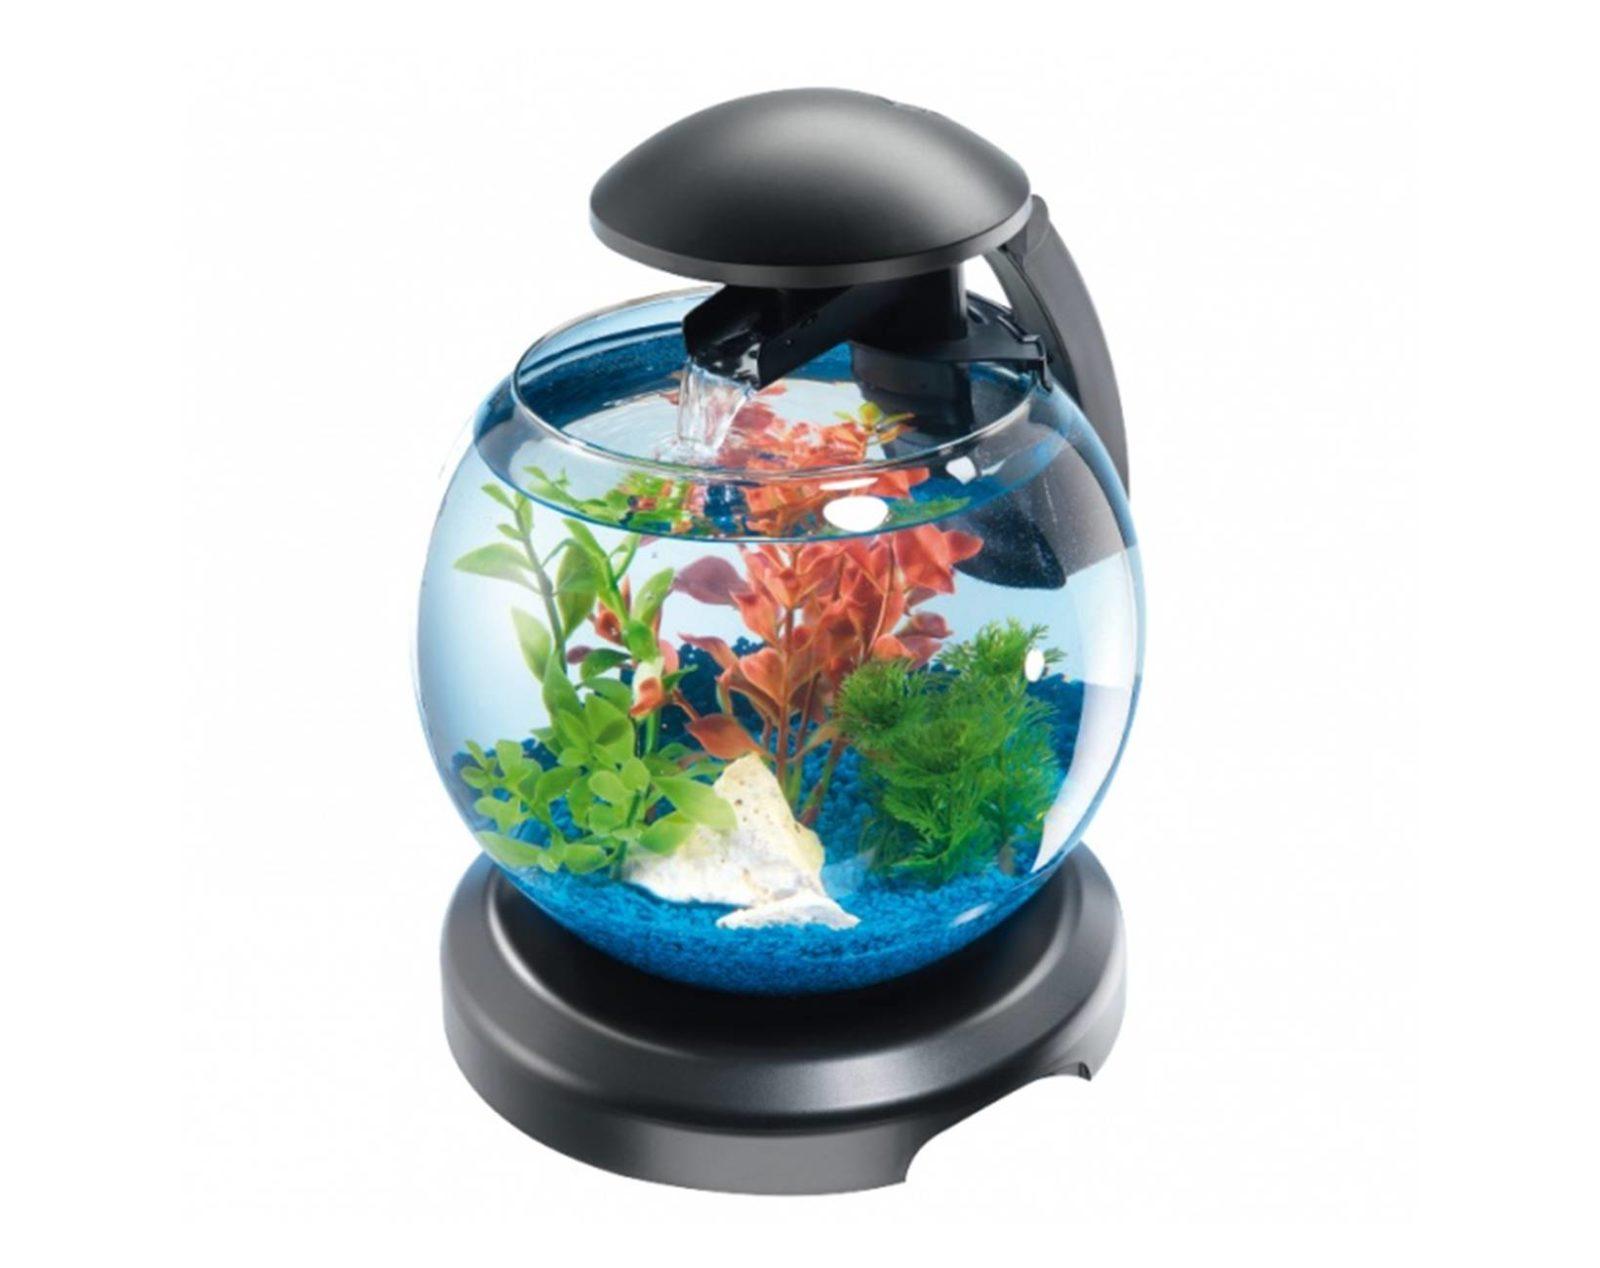 Стоит ли новичкам покупать круглый аквариум маленького объема